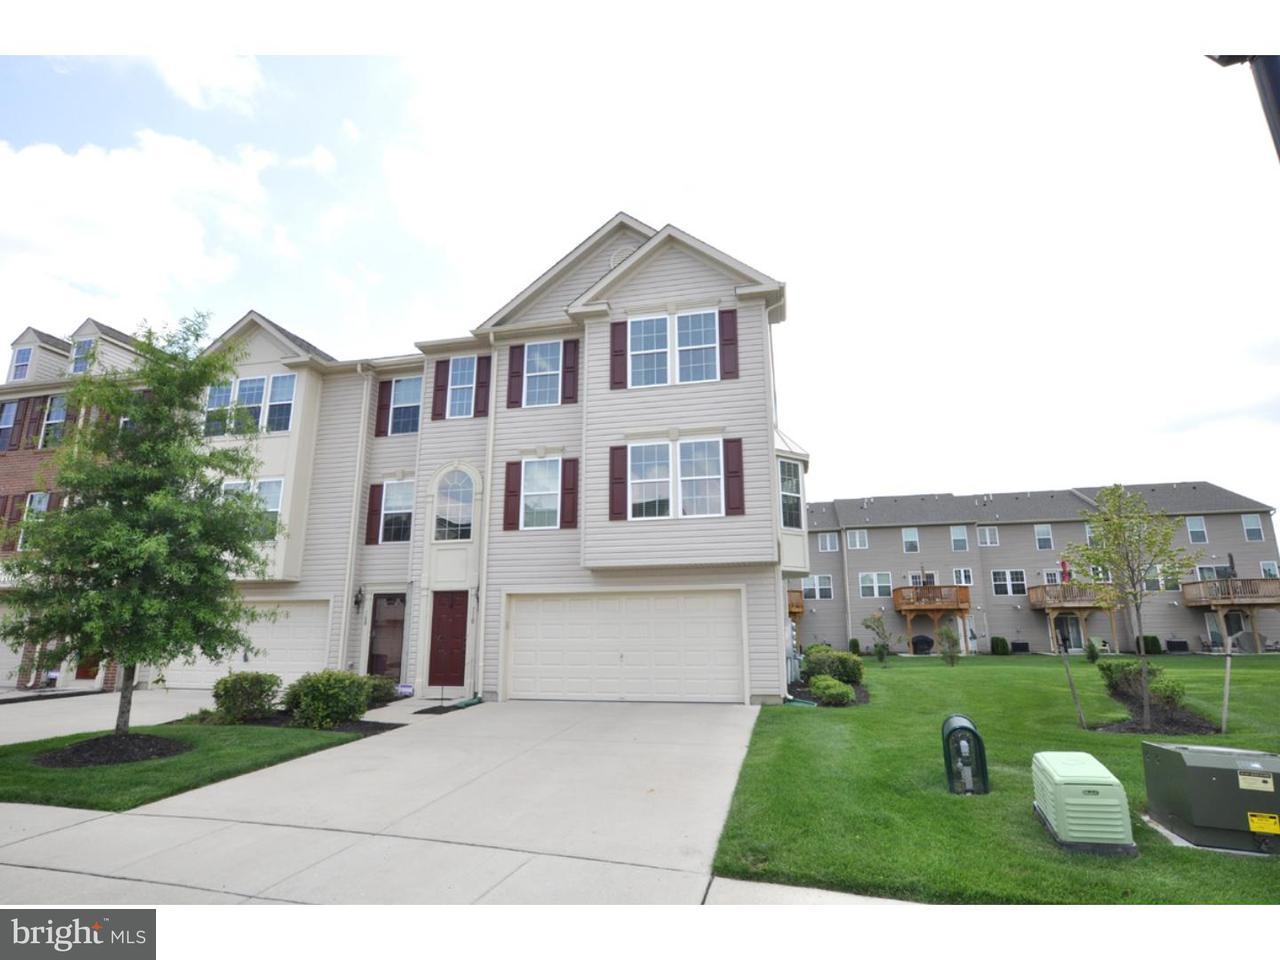 Casa unifamiliar adosada (Townhouse) por un Alquiler en 110 HELEN Drive Cinnaminson, Nueva Jersey 08077 Estados Unidos